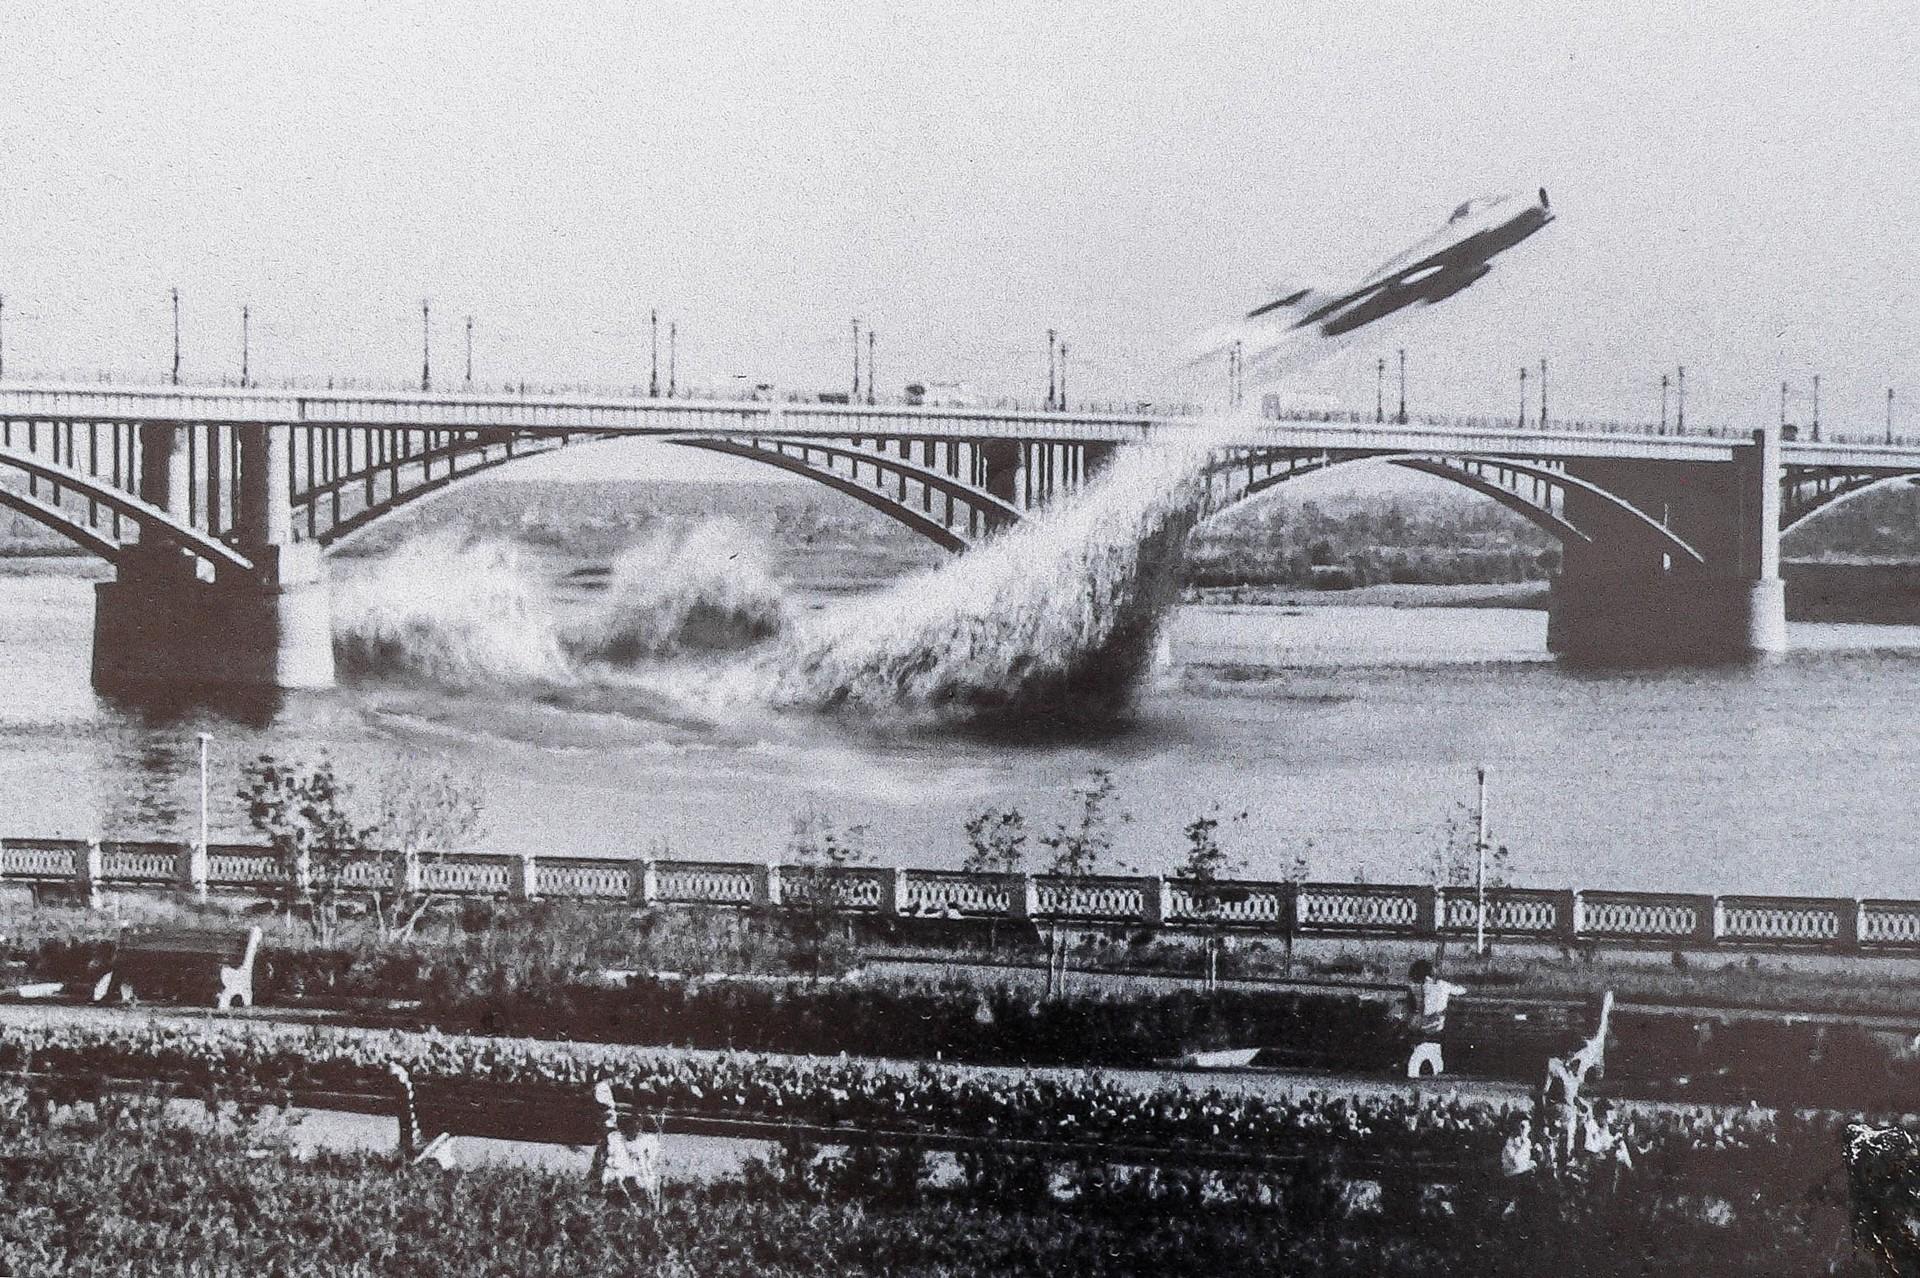 インターネットで拡散された曲技飛行の偽写真